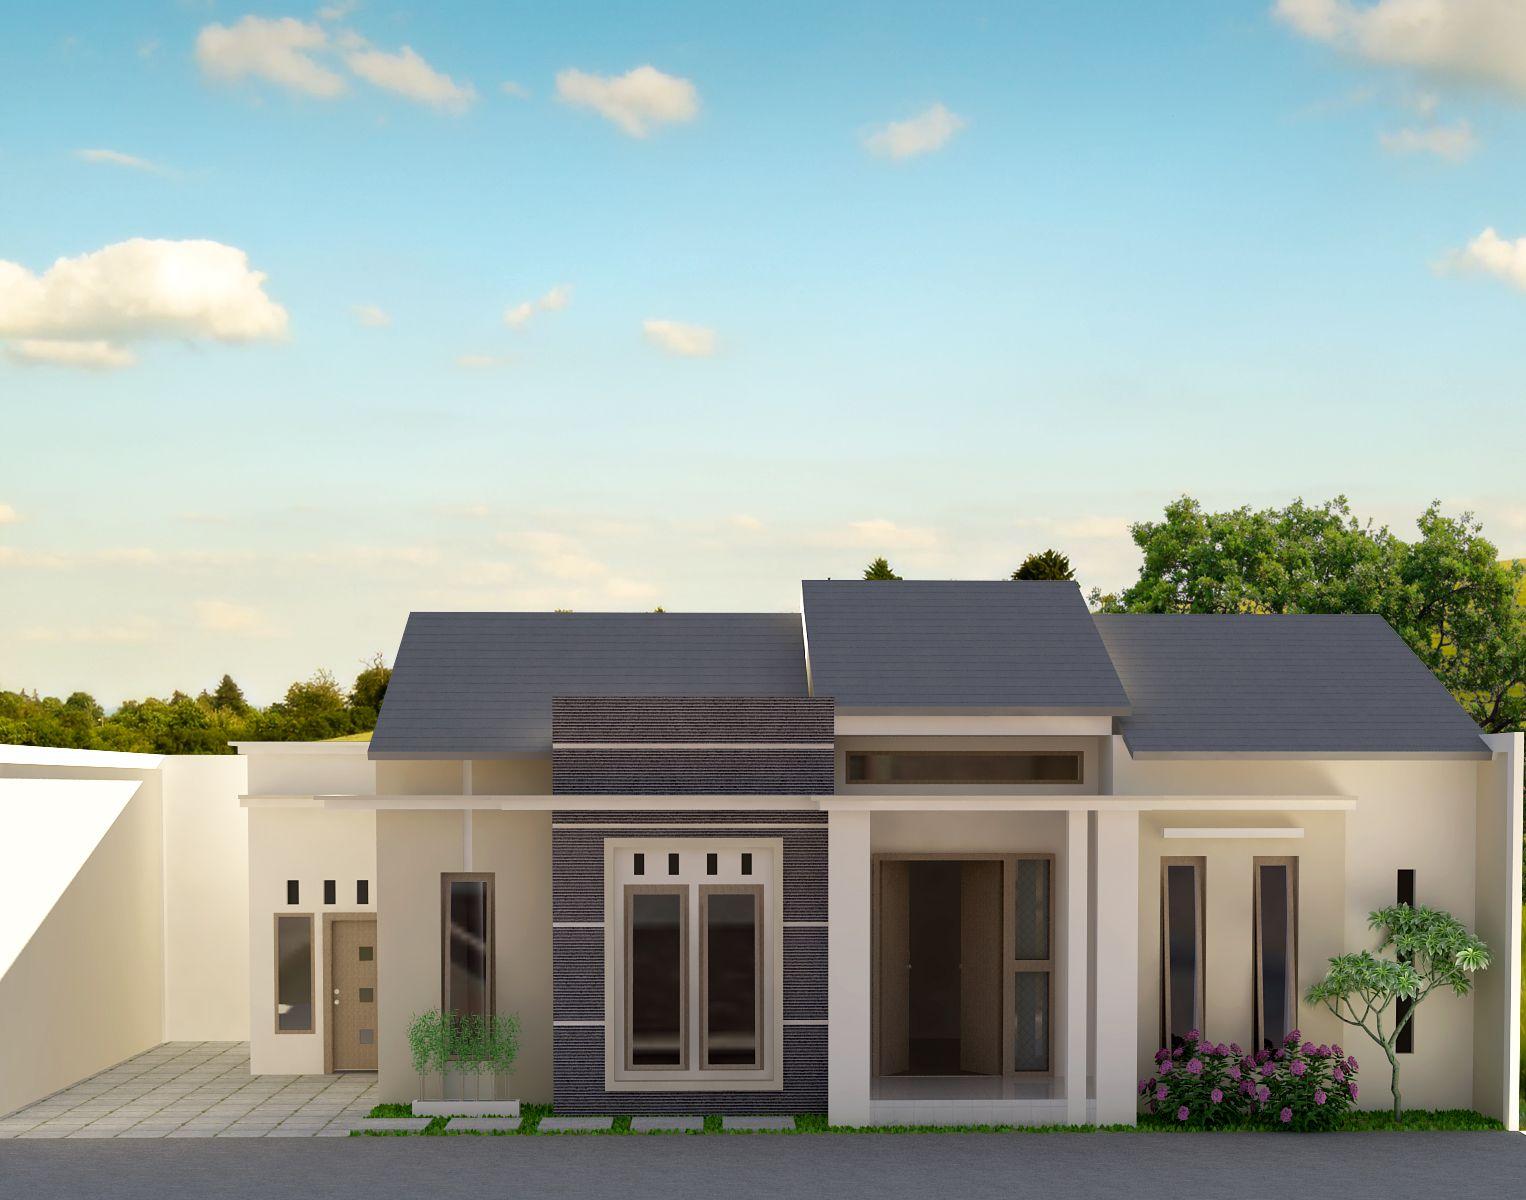 Desain Rumah 1 Lantai Tipe 200 Home Sweet Home Pinterest